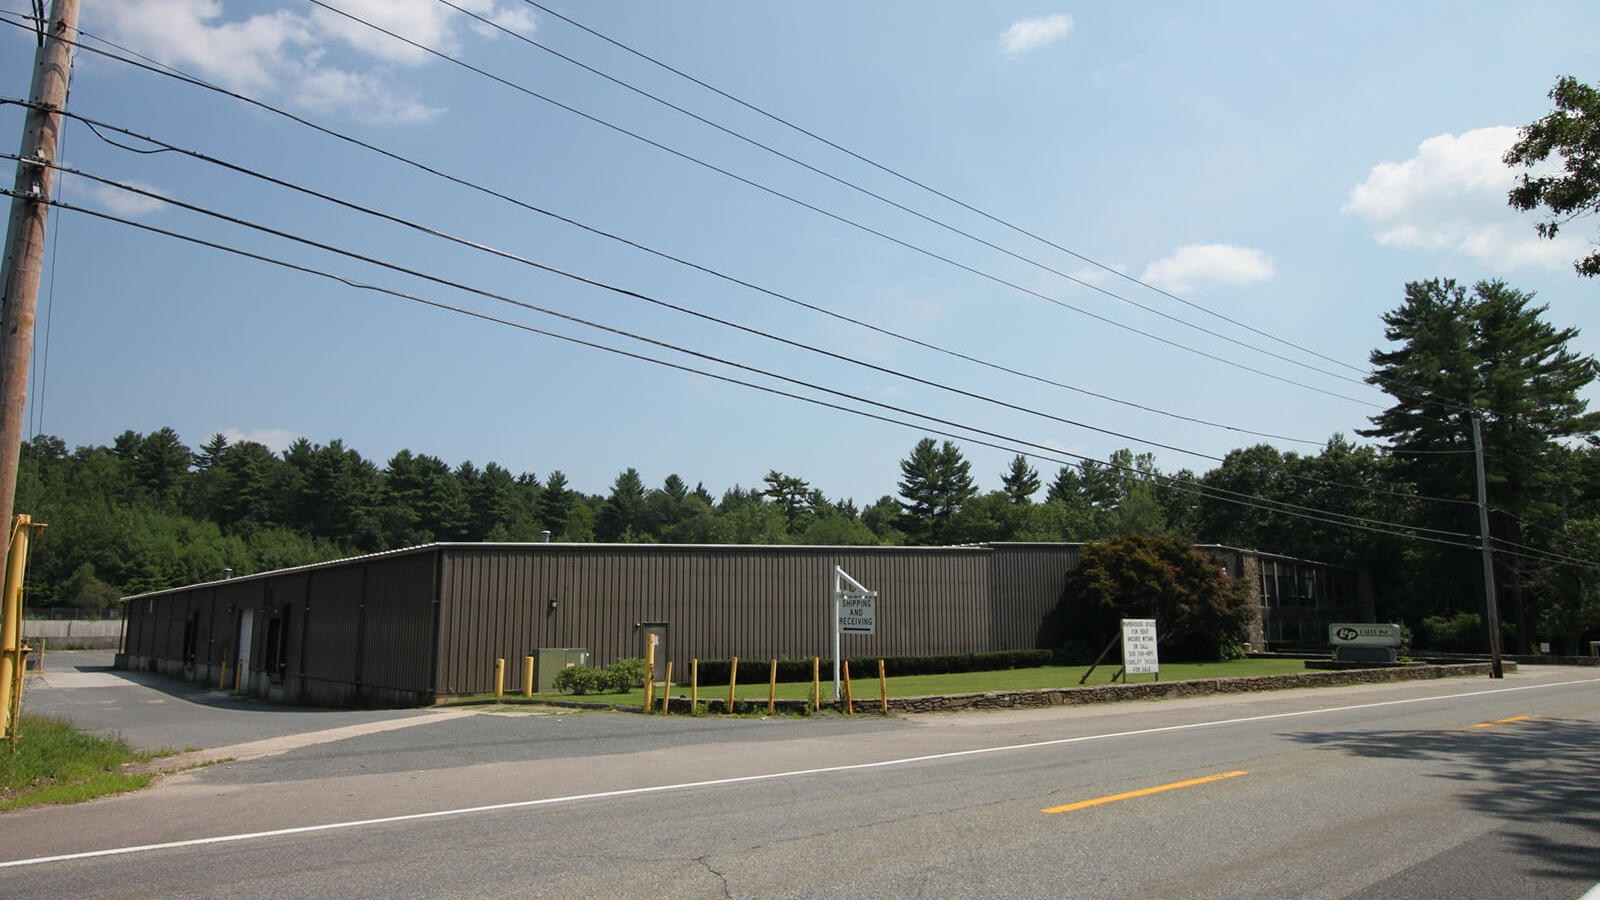 267 Southbridge Street, Charlton, Massachusetts 01507, Industrial,For Lease,Southbridge Street,1,1250